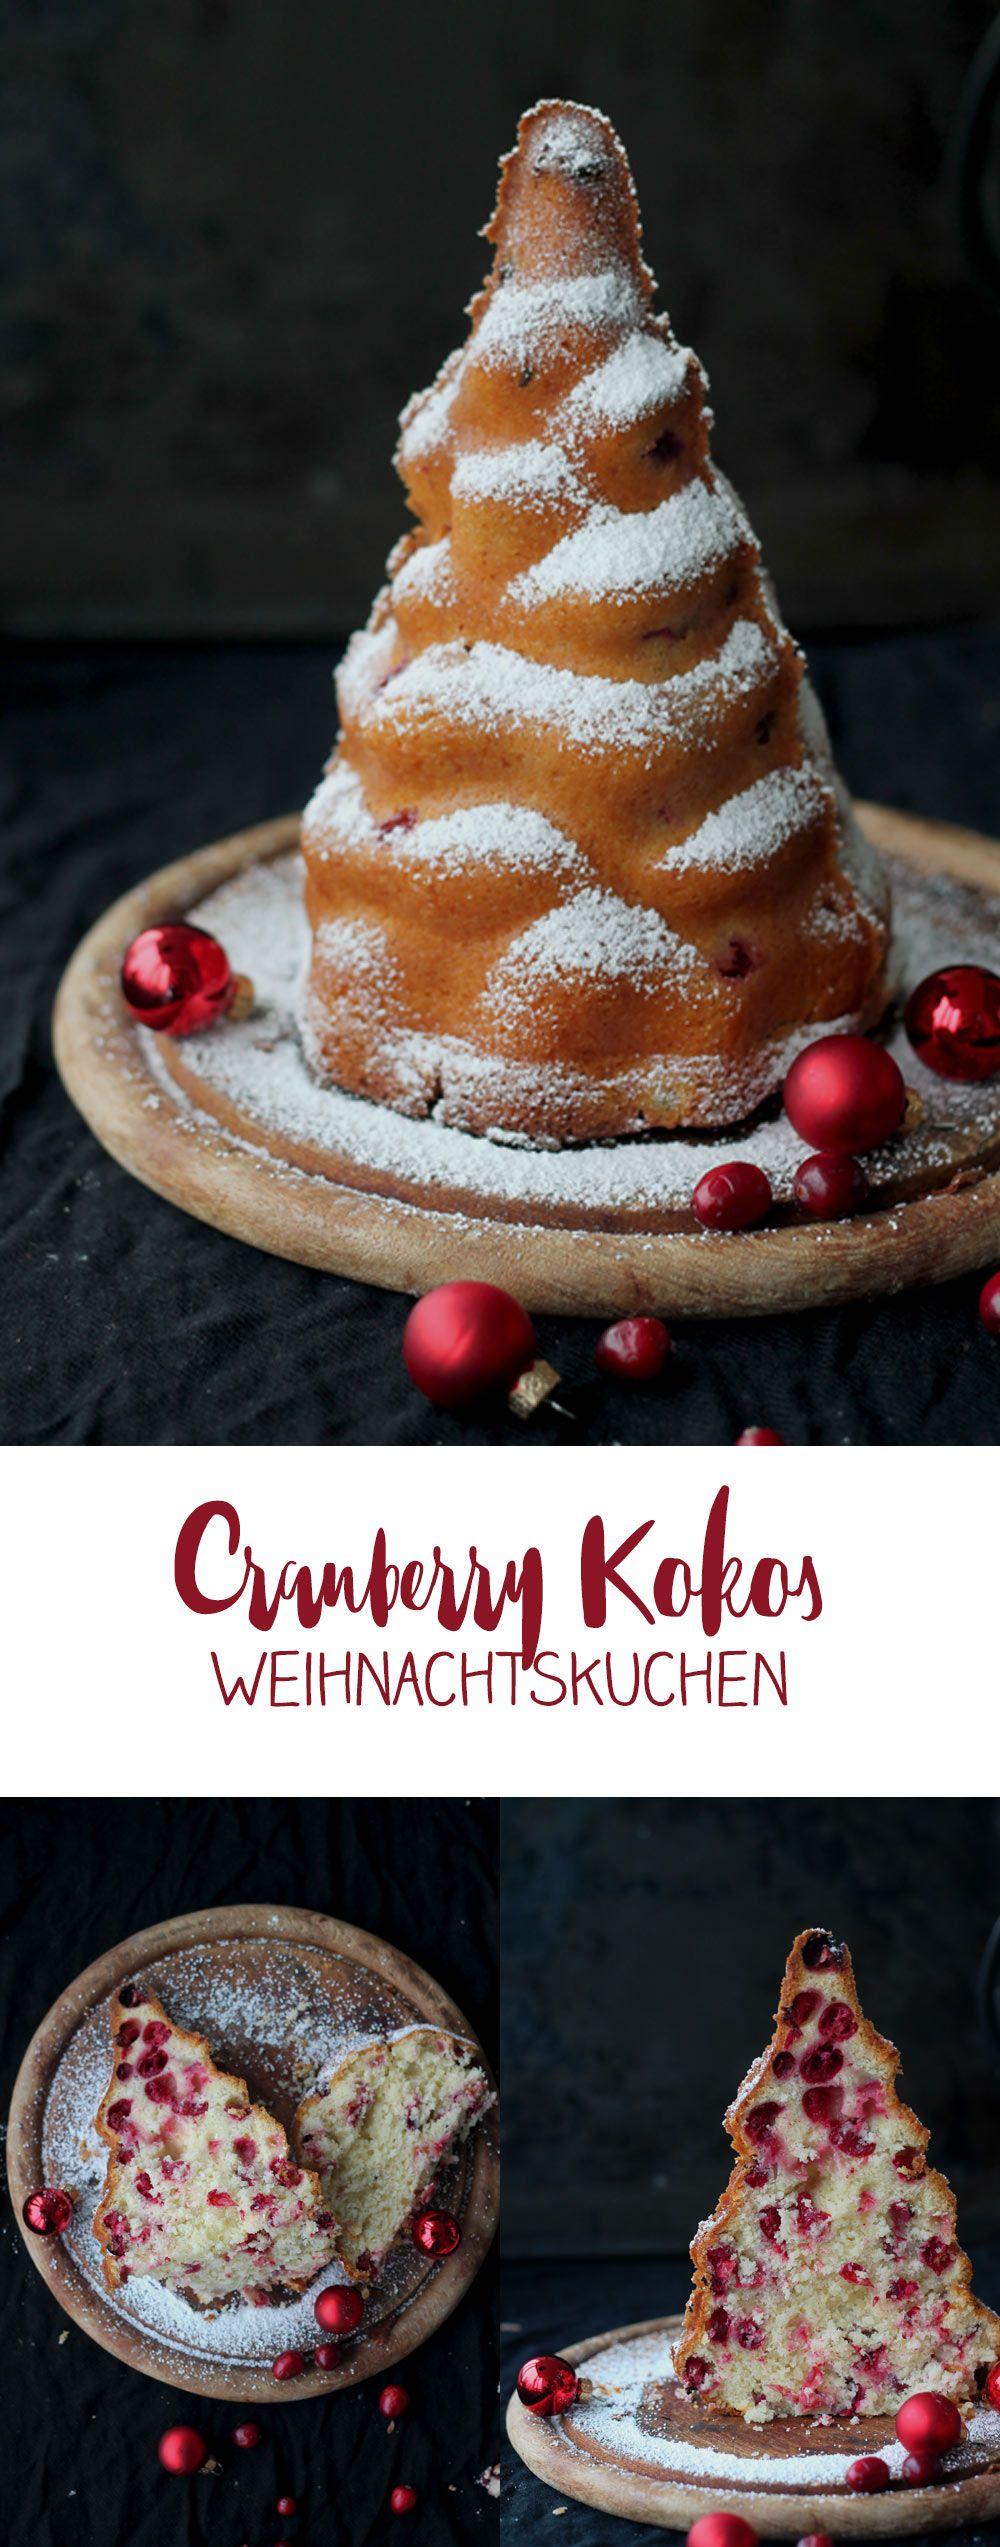 cranberry kokos kuchen in weihnachtsbaumform kuchen zu weihnachten rezeptideen deutsche. Black Bedroom Furniture Sets. Home Design Ideas